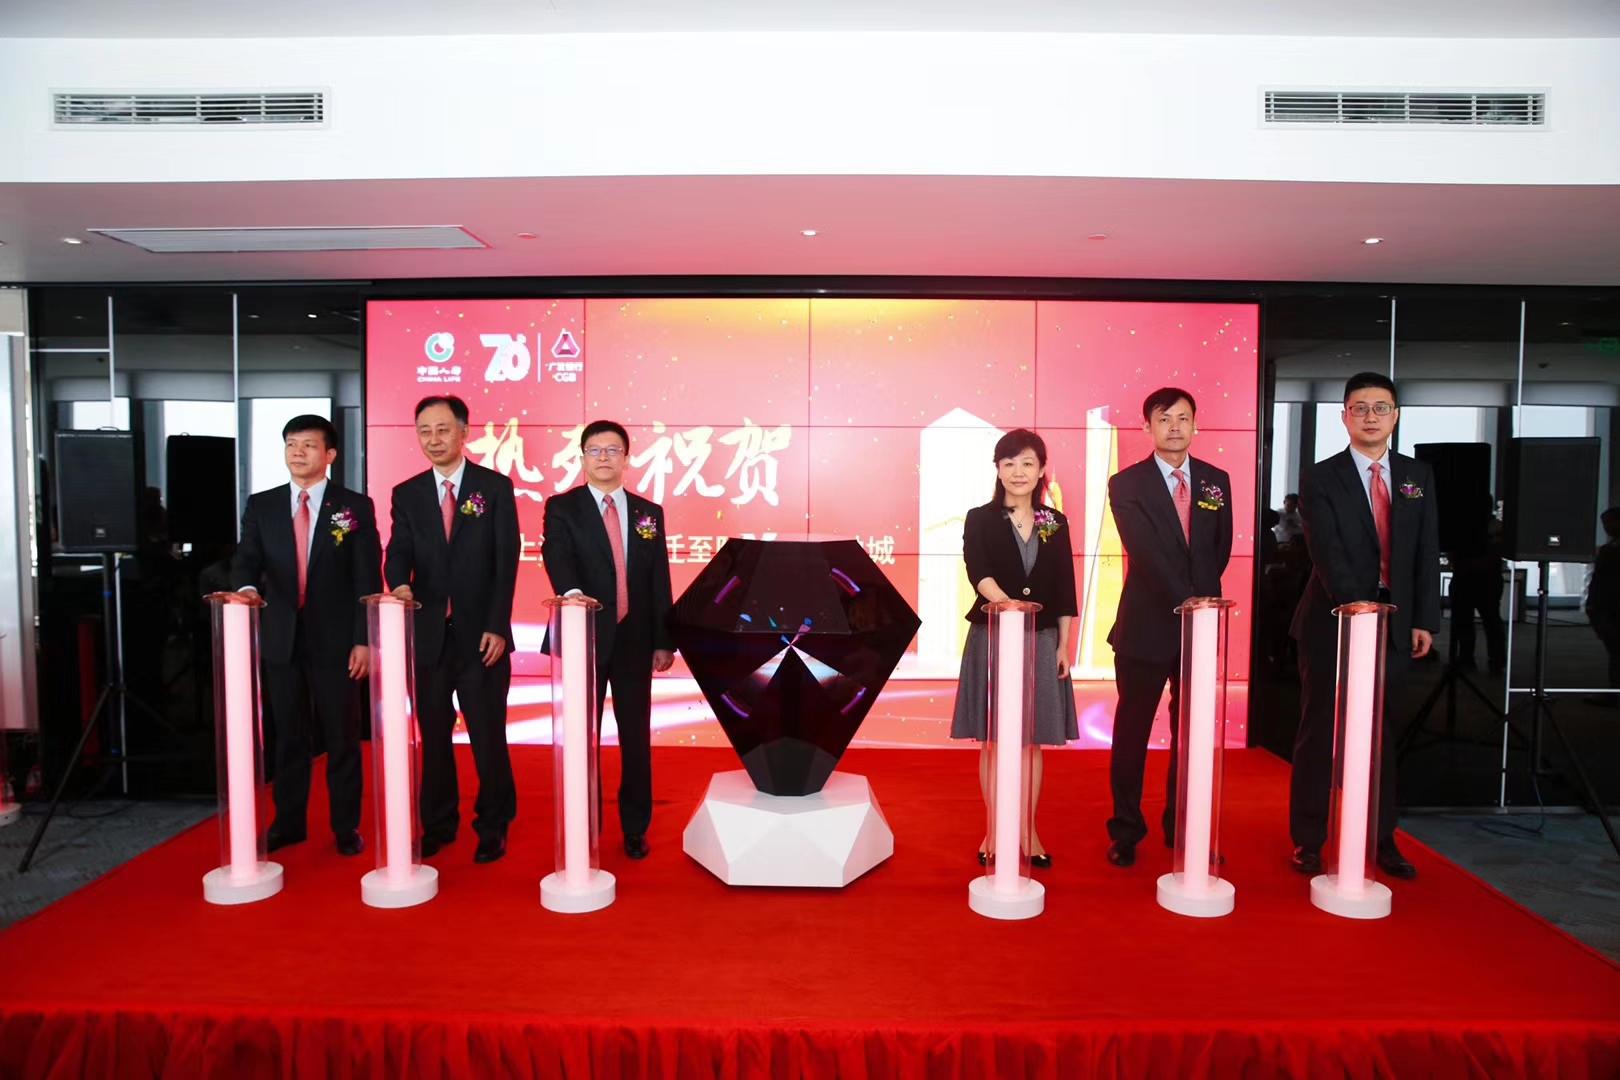 广发银行上海分行入驻陆家嘴金融城 银保协同再出发